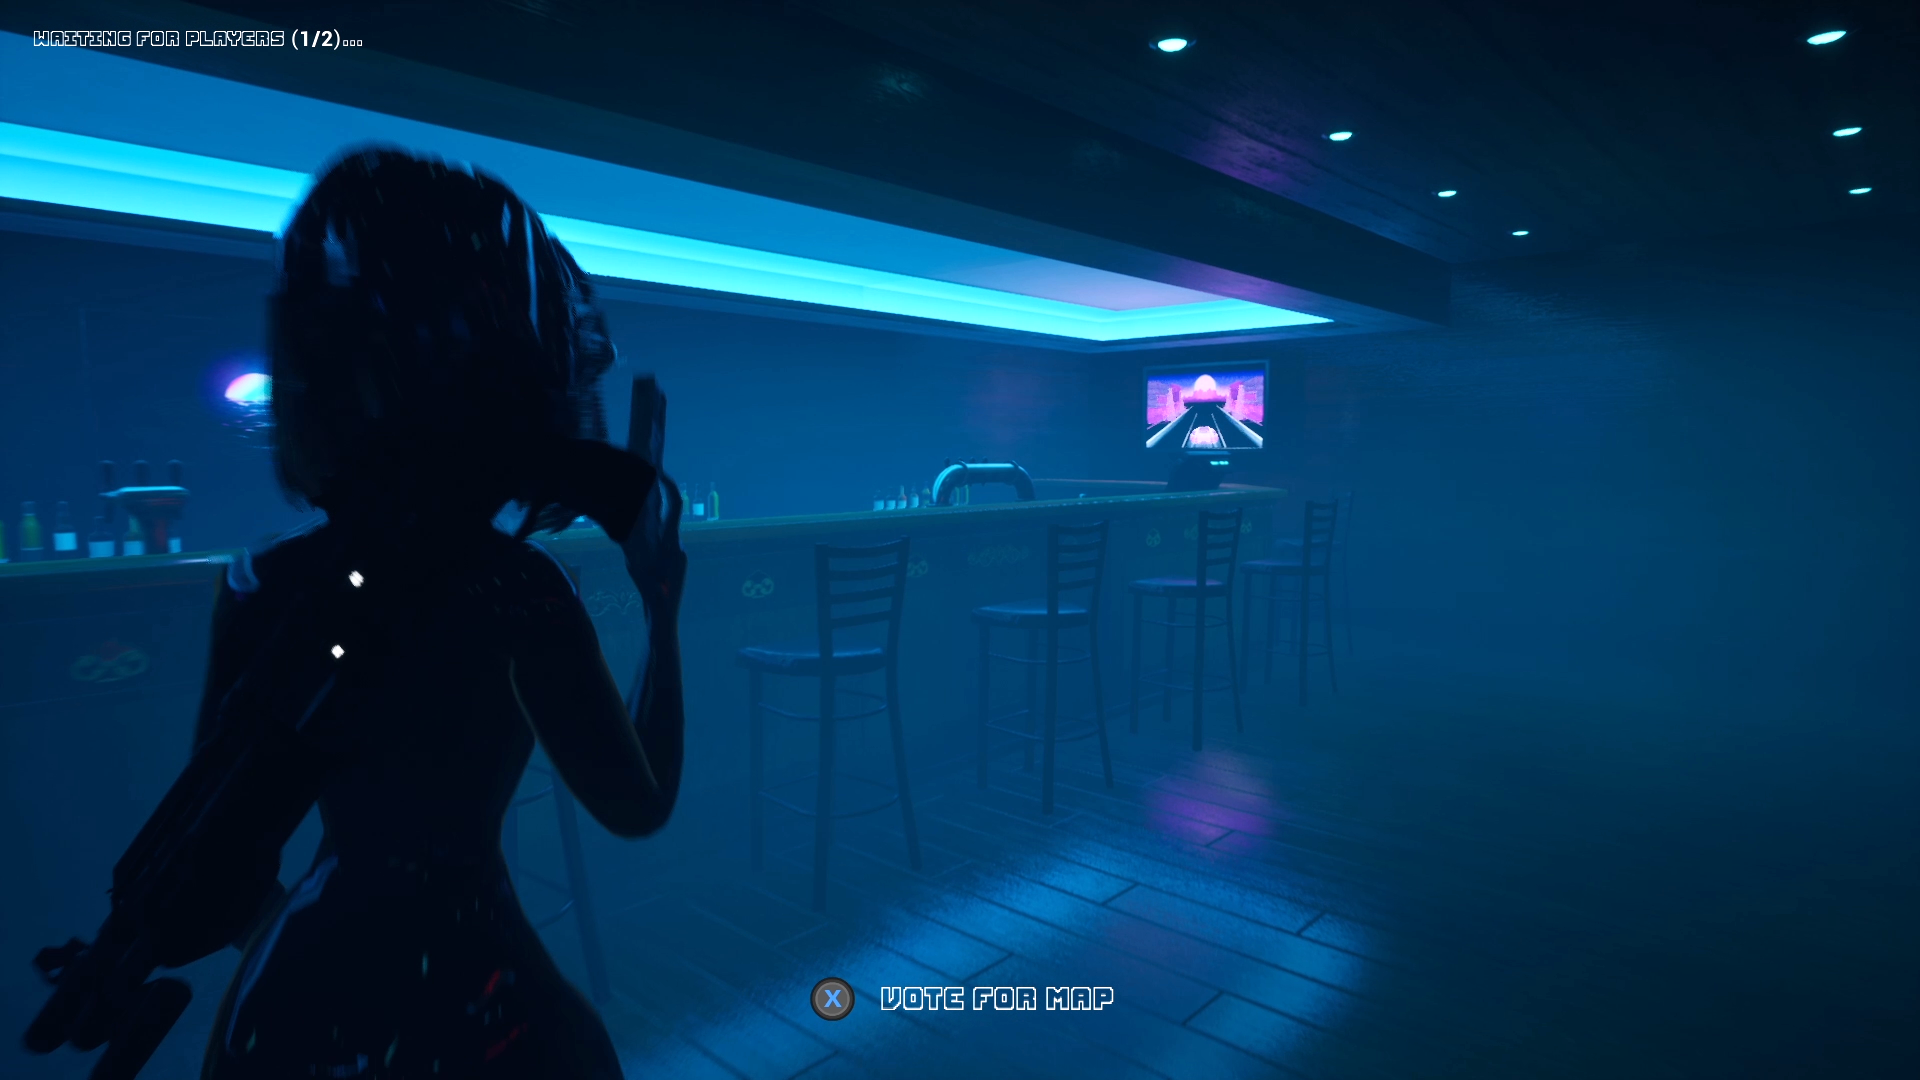 NightClub02